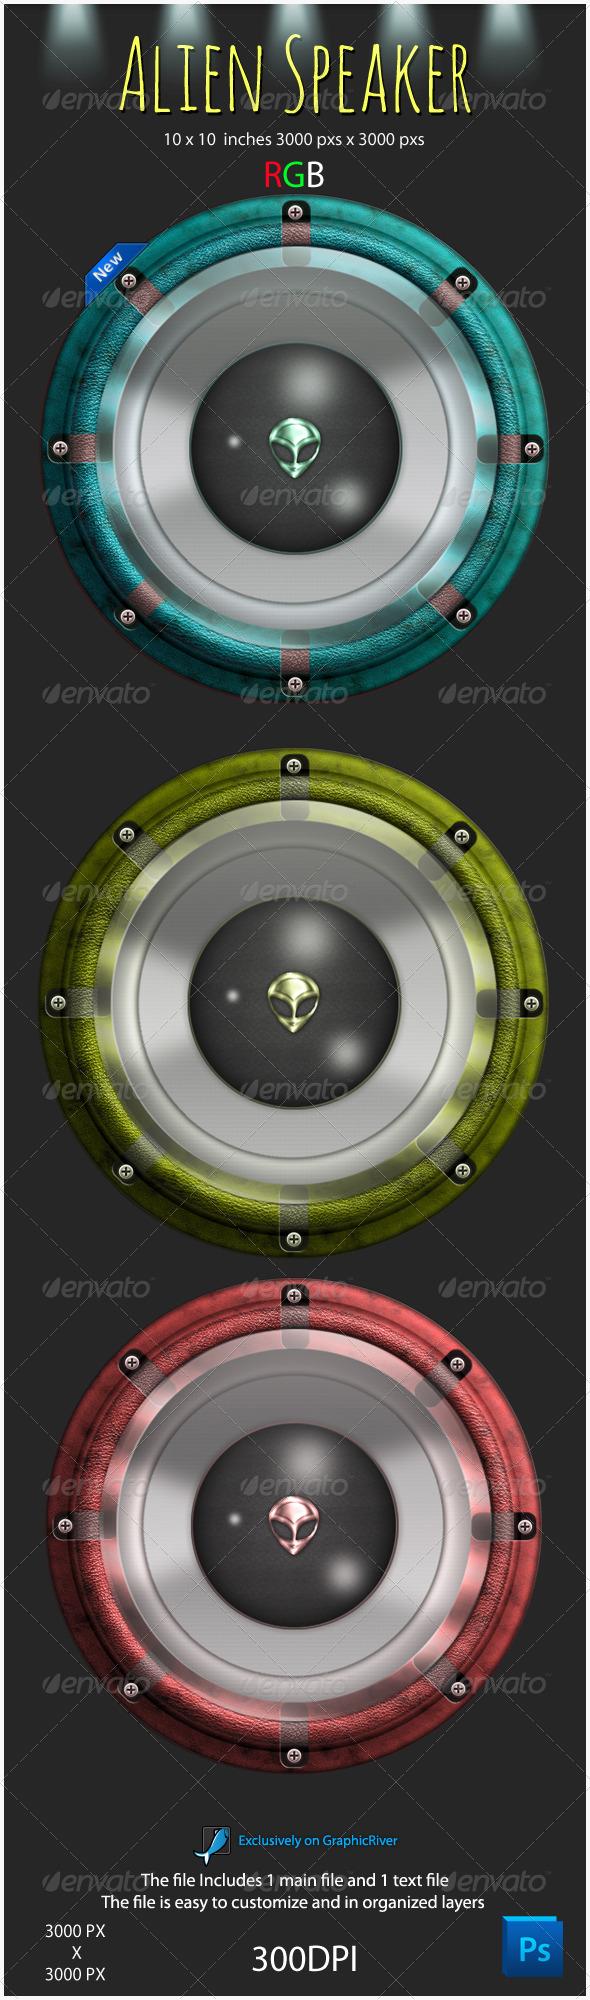 GraphicRiver Alien Speaker Graphic 4050757